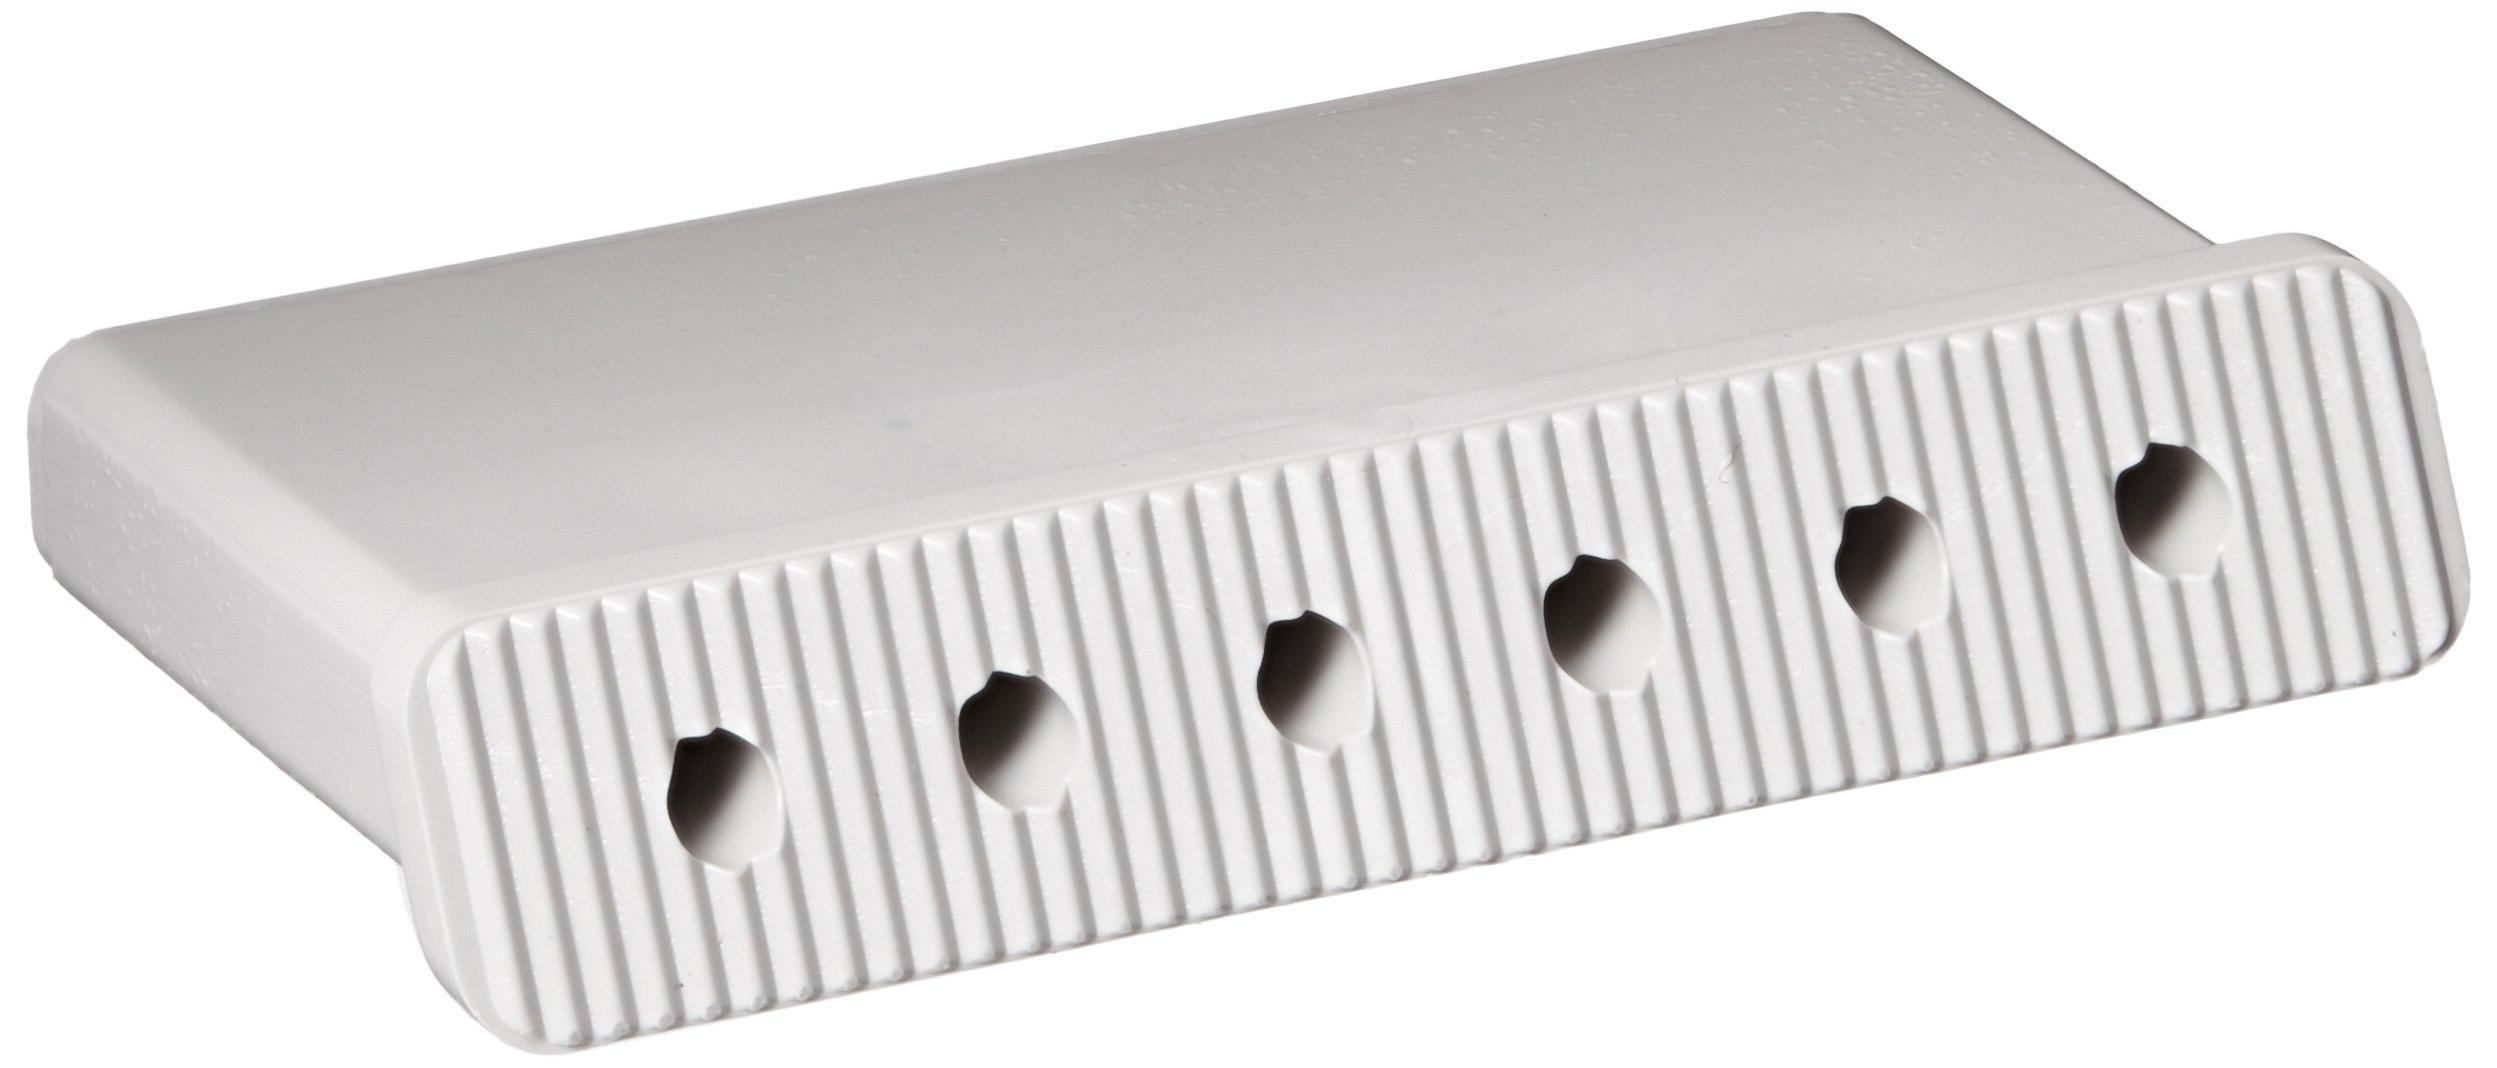 Maillefer 671398 Endo Instrument Organizer Insert, White